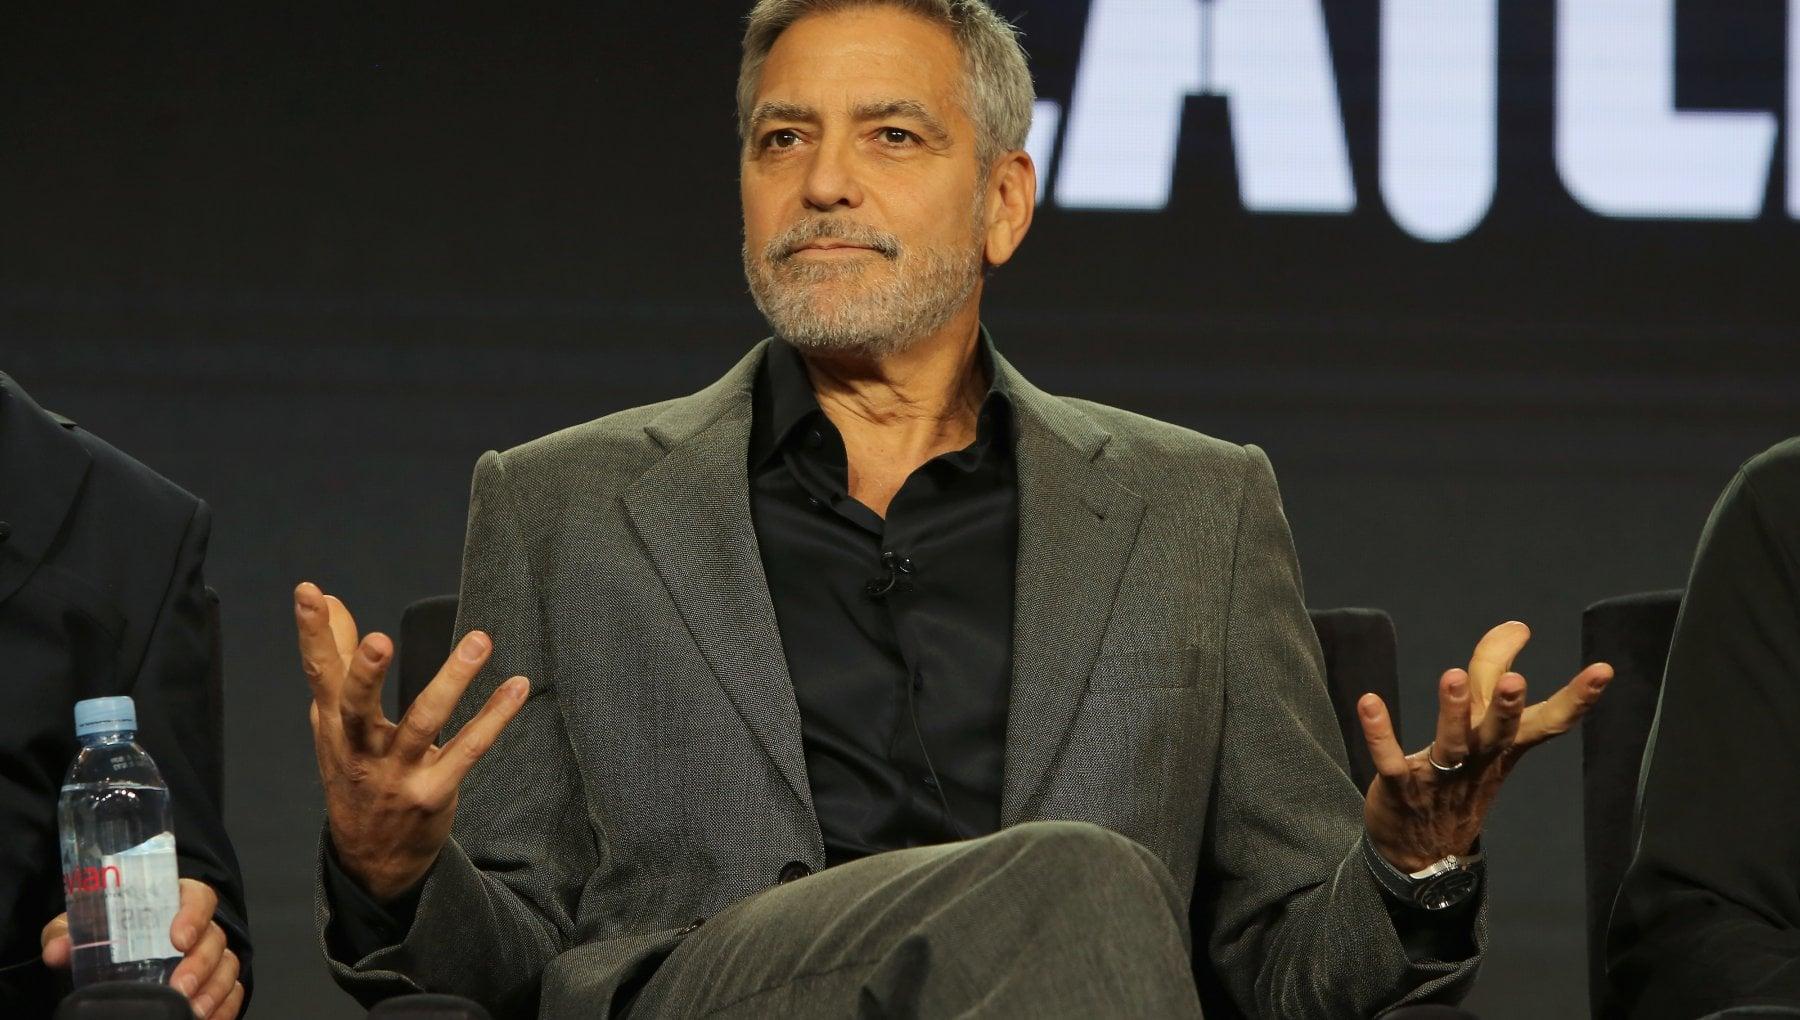 La sfida di Clooney a Orban In Ungheria rabbia e odio. La replica di Budapest E consigliato da Soros